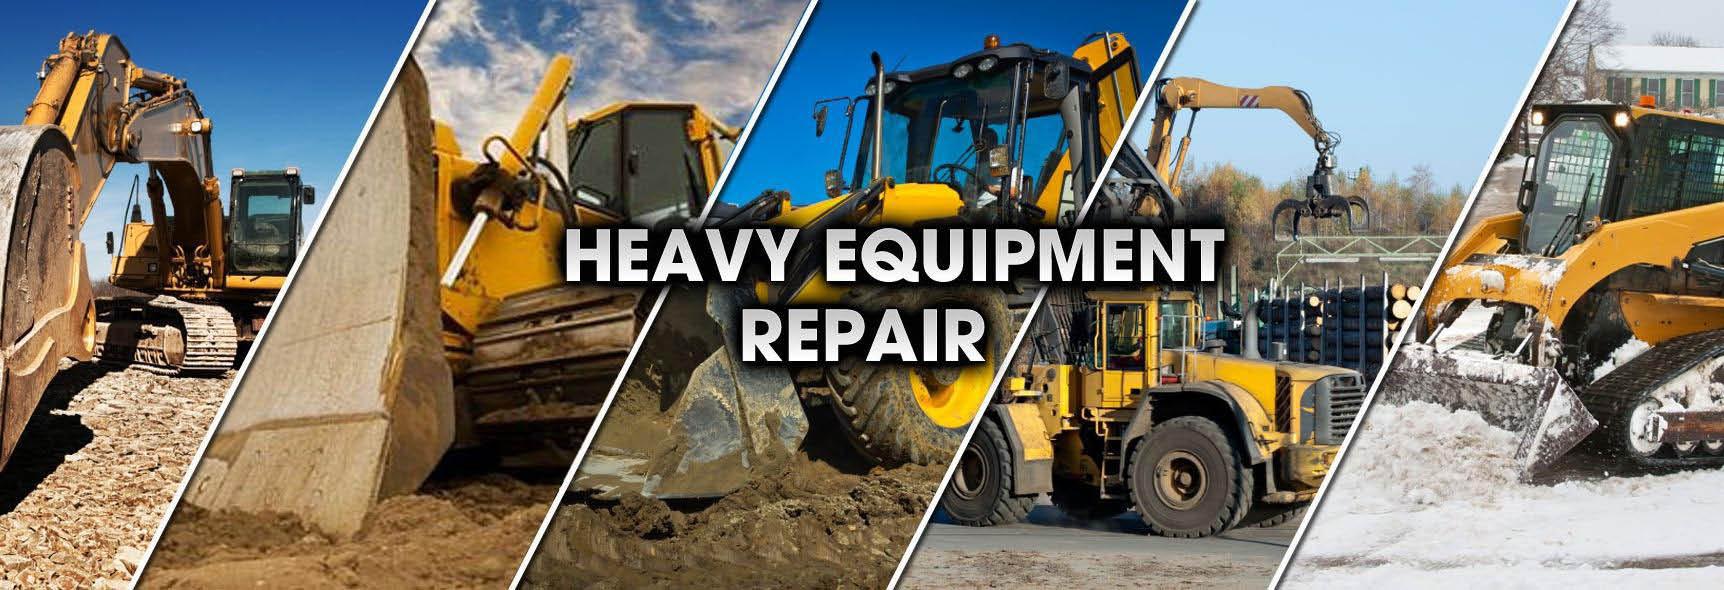 M & L Equipment Repair main banner image - Tenino, WA - Olympia, WA